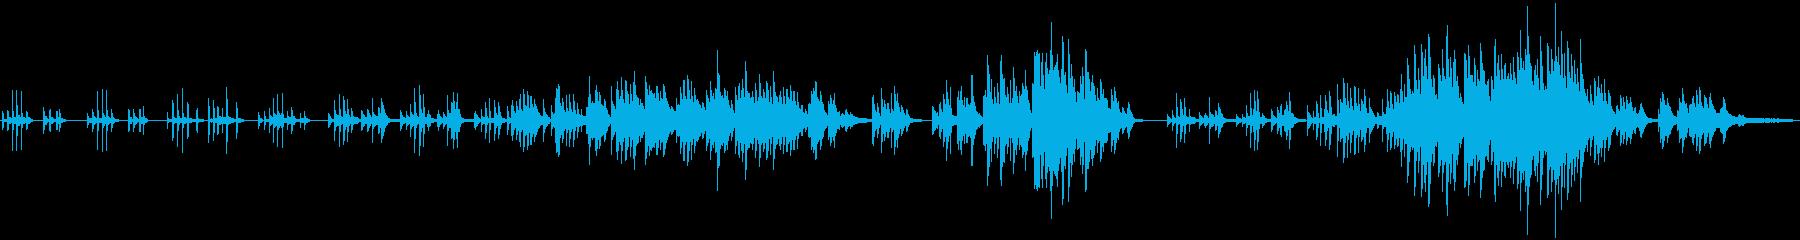 ゆったり優しいピアノソロ曲の再生済みの波形